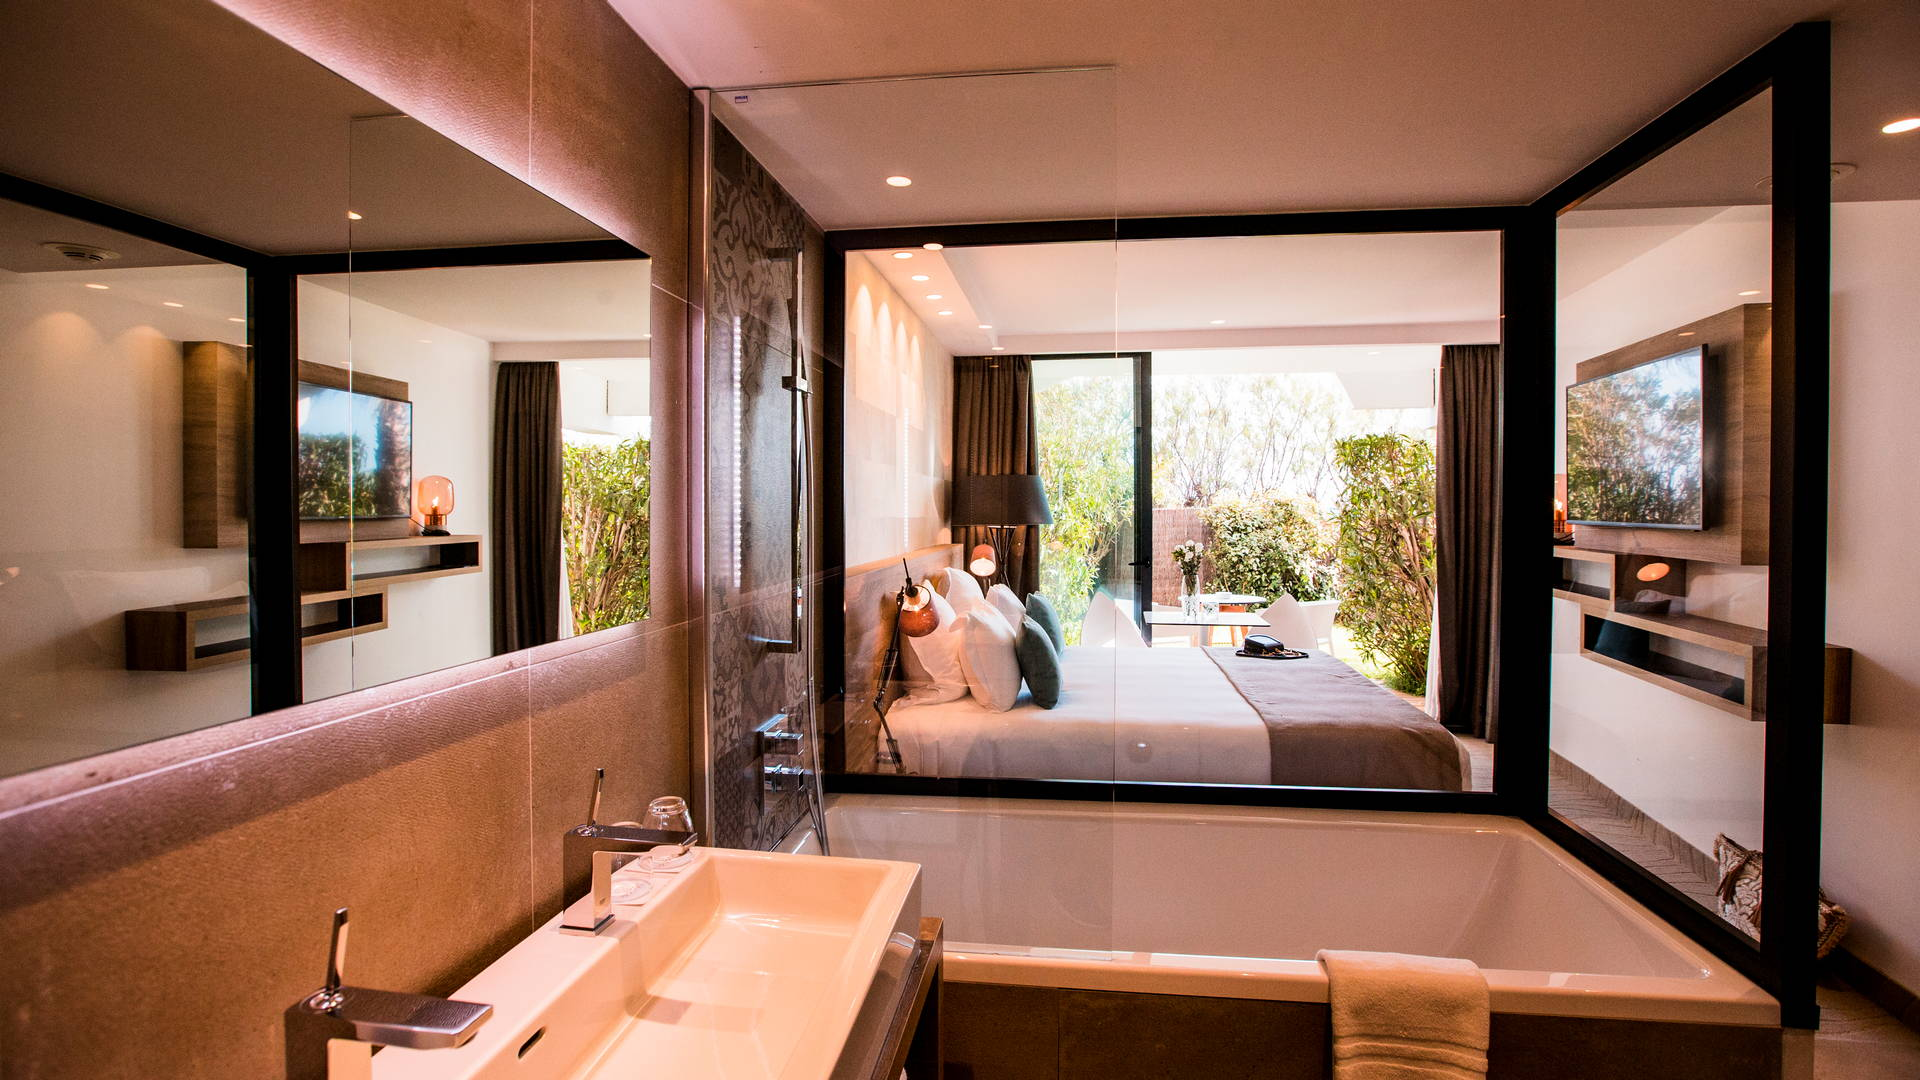 Chambre classique avec jardin privatif et terrasse ainsi qu'une baignoire vitrée dans la chambre, hôtel de charme bord de mer, Hôtel La Plage.